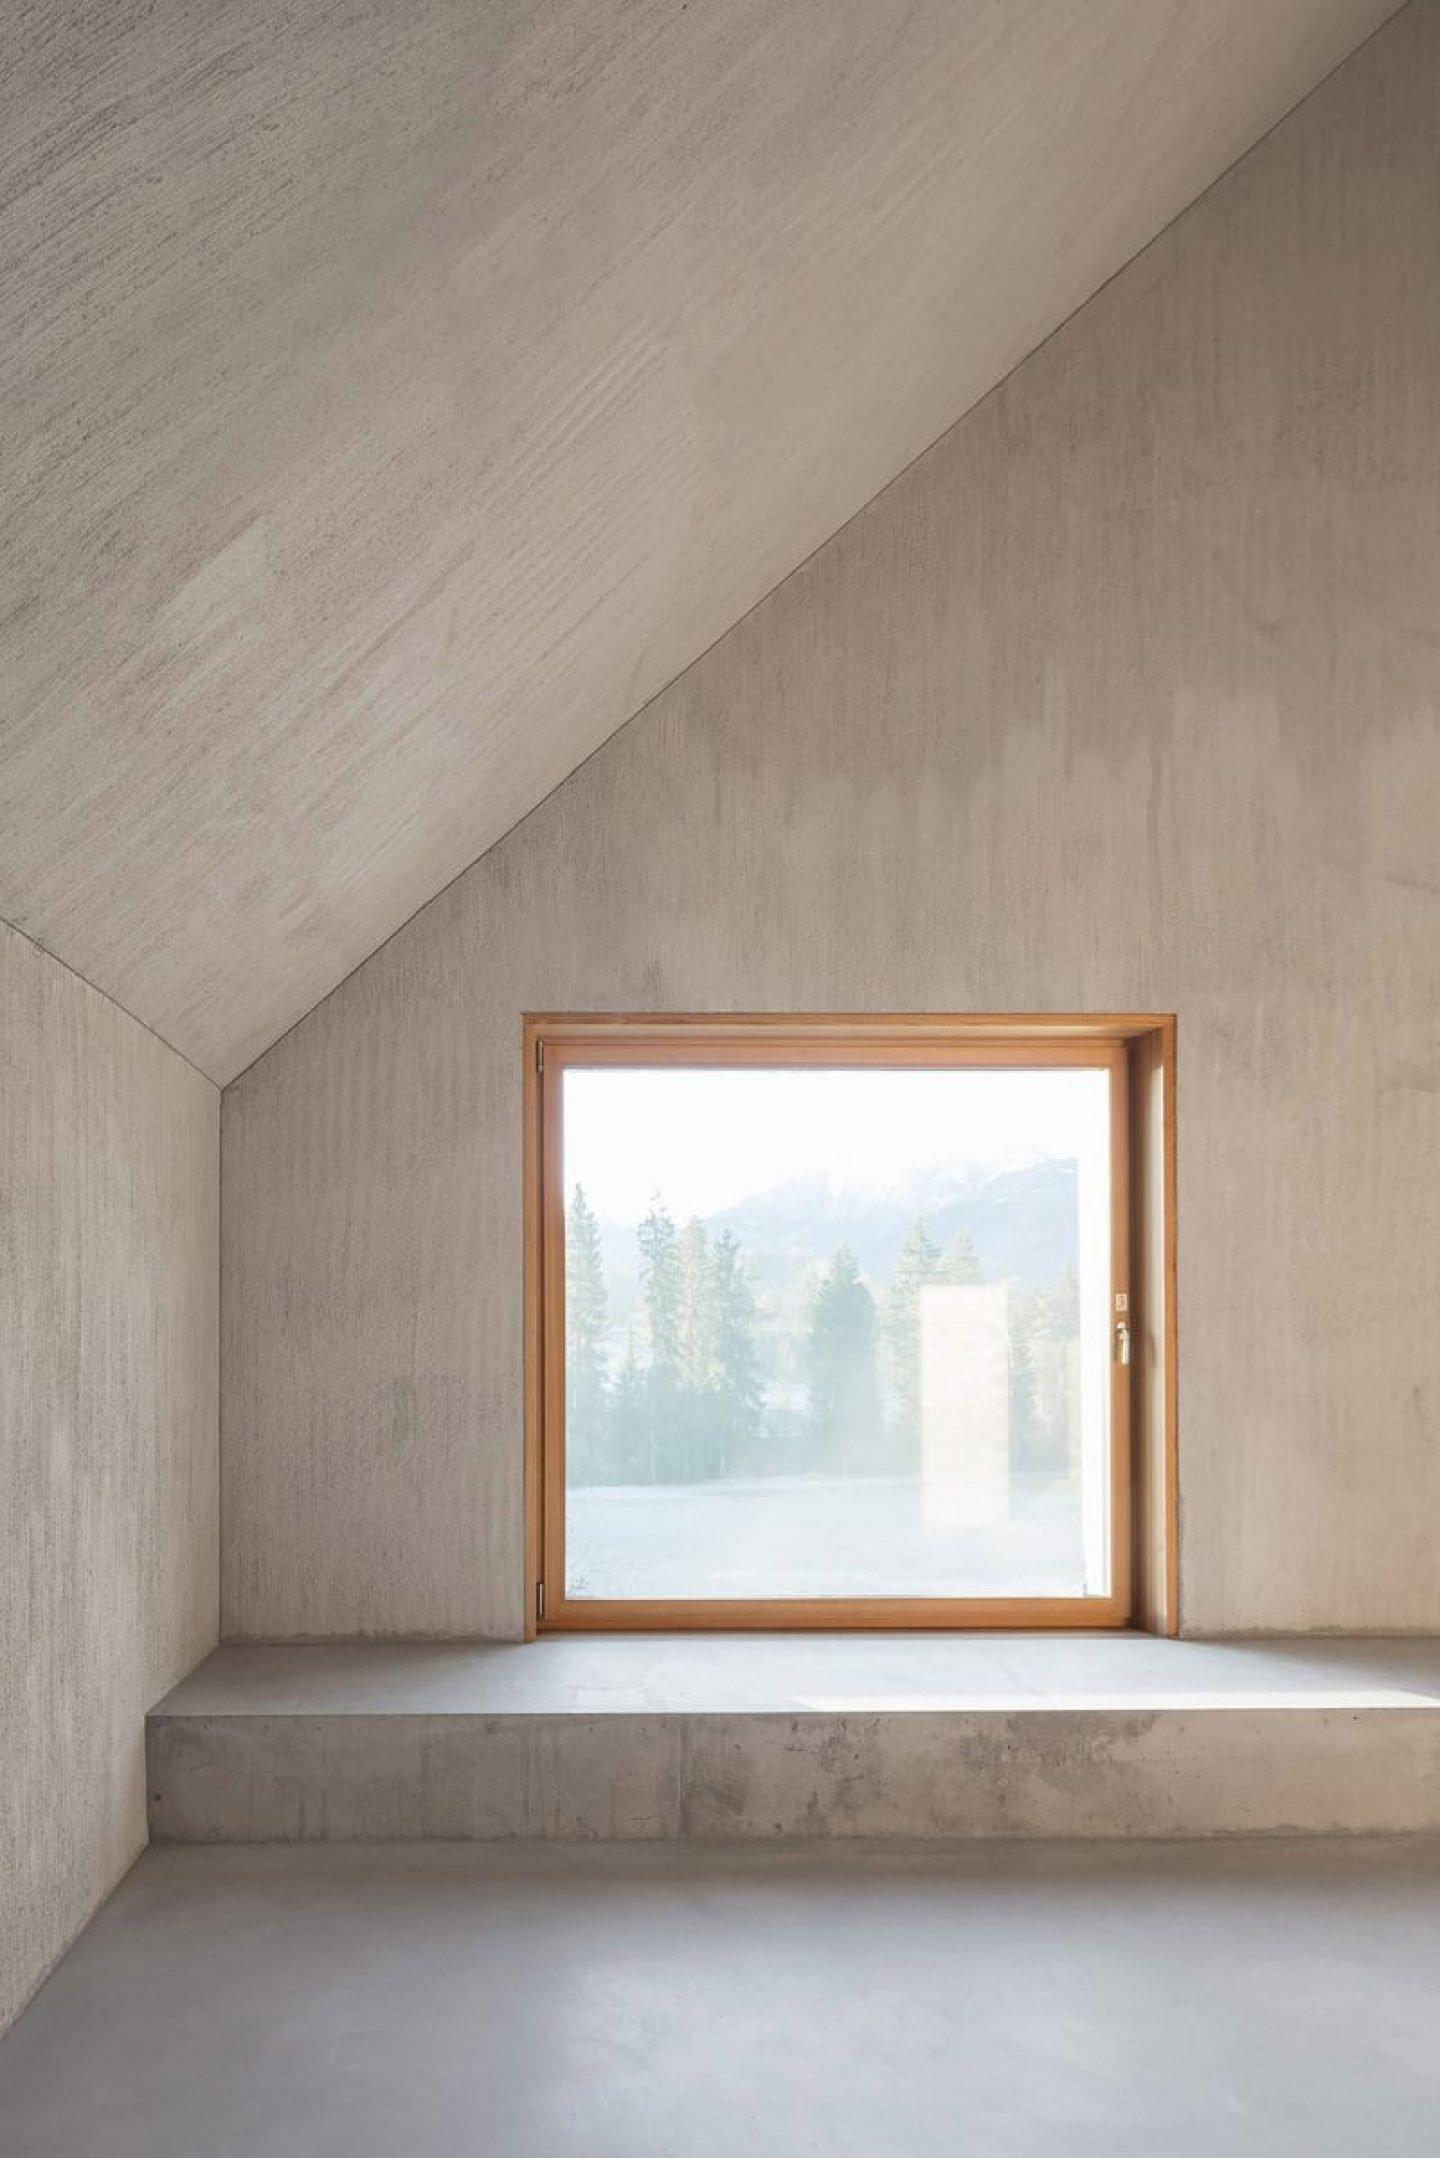 Architecture_TrinCabin_SchnellerCaminadaArchitects_04